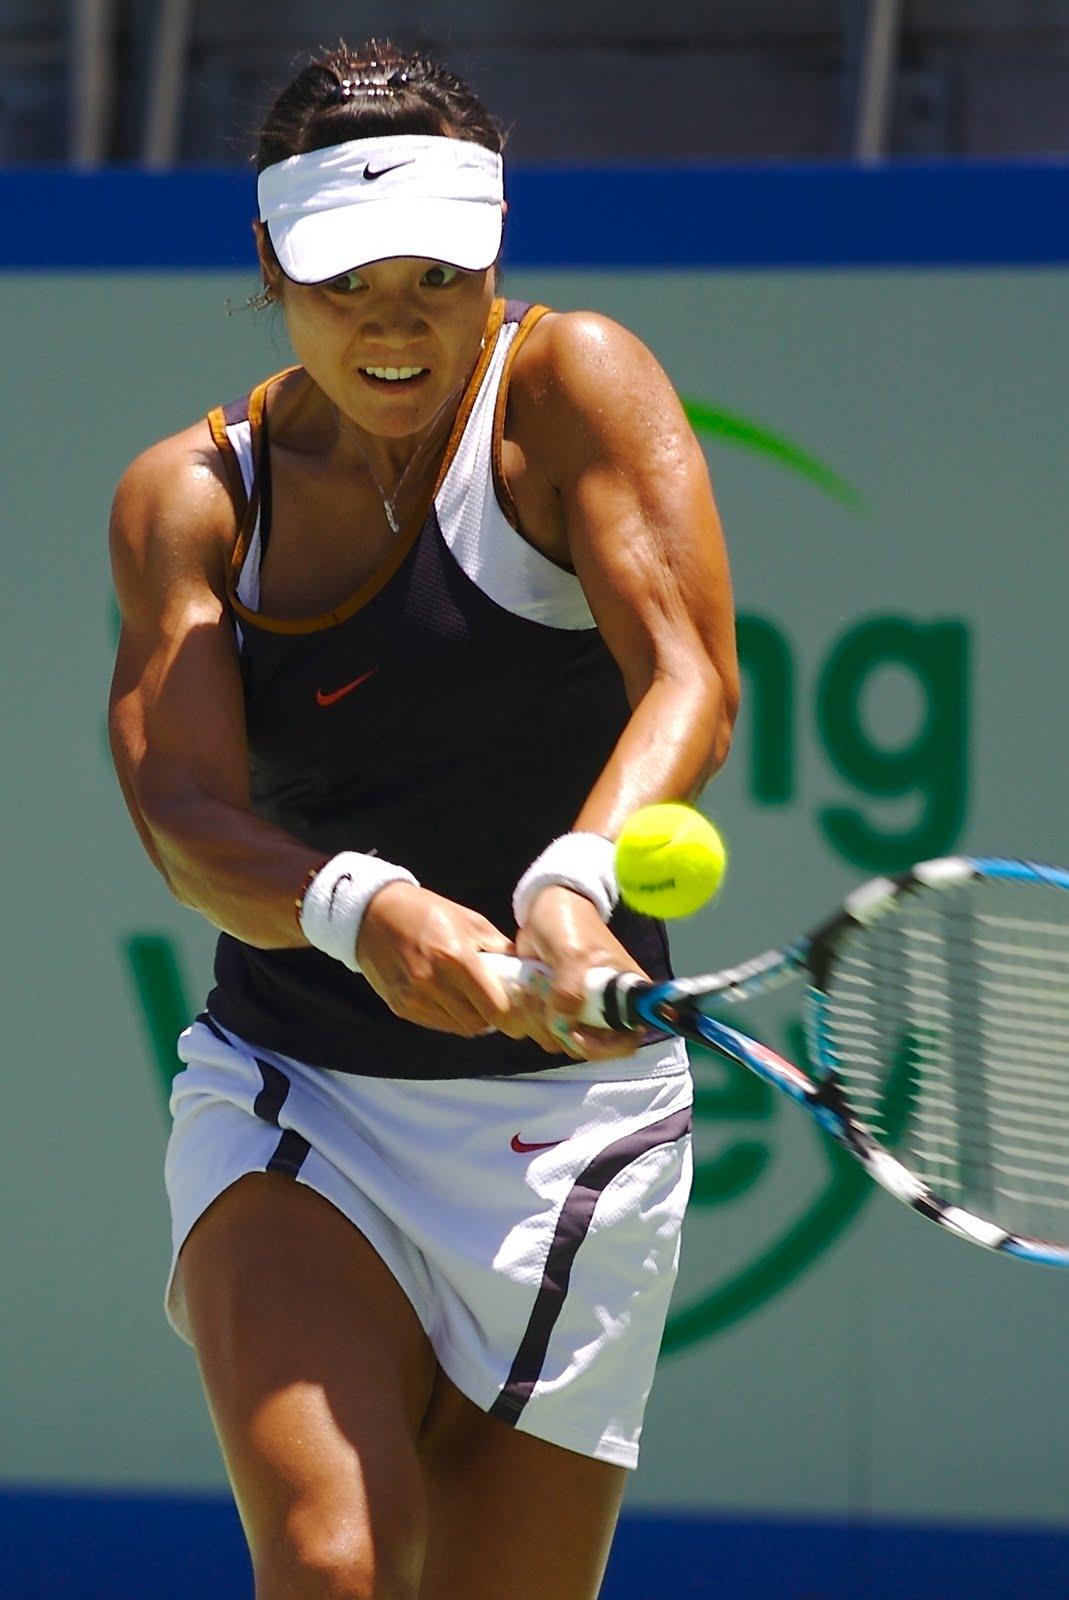 Cetusan Maonx June 2011 Ratu Tenis Menumpaskan Seorang Lagi Yakni Maria Sharapova Ni Pun Bukan Calang Power Dan Kuat Jugak Mengeruh Masa Main